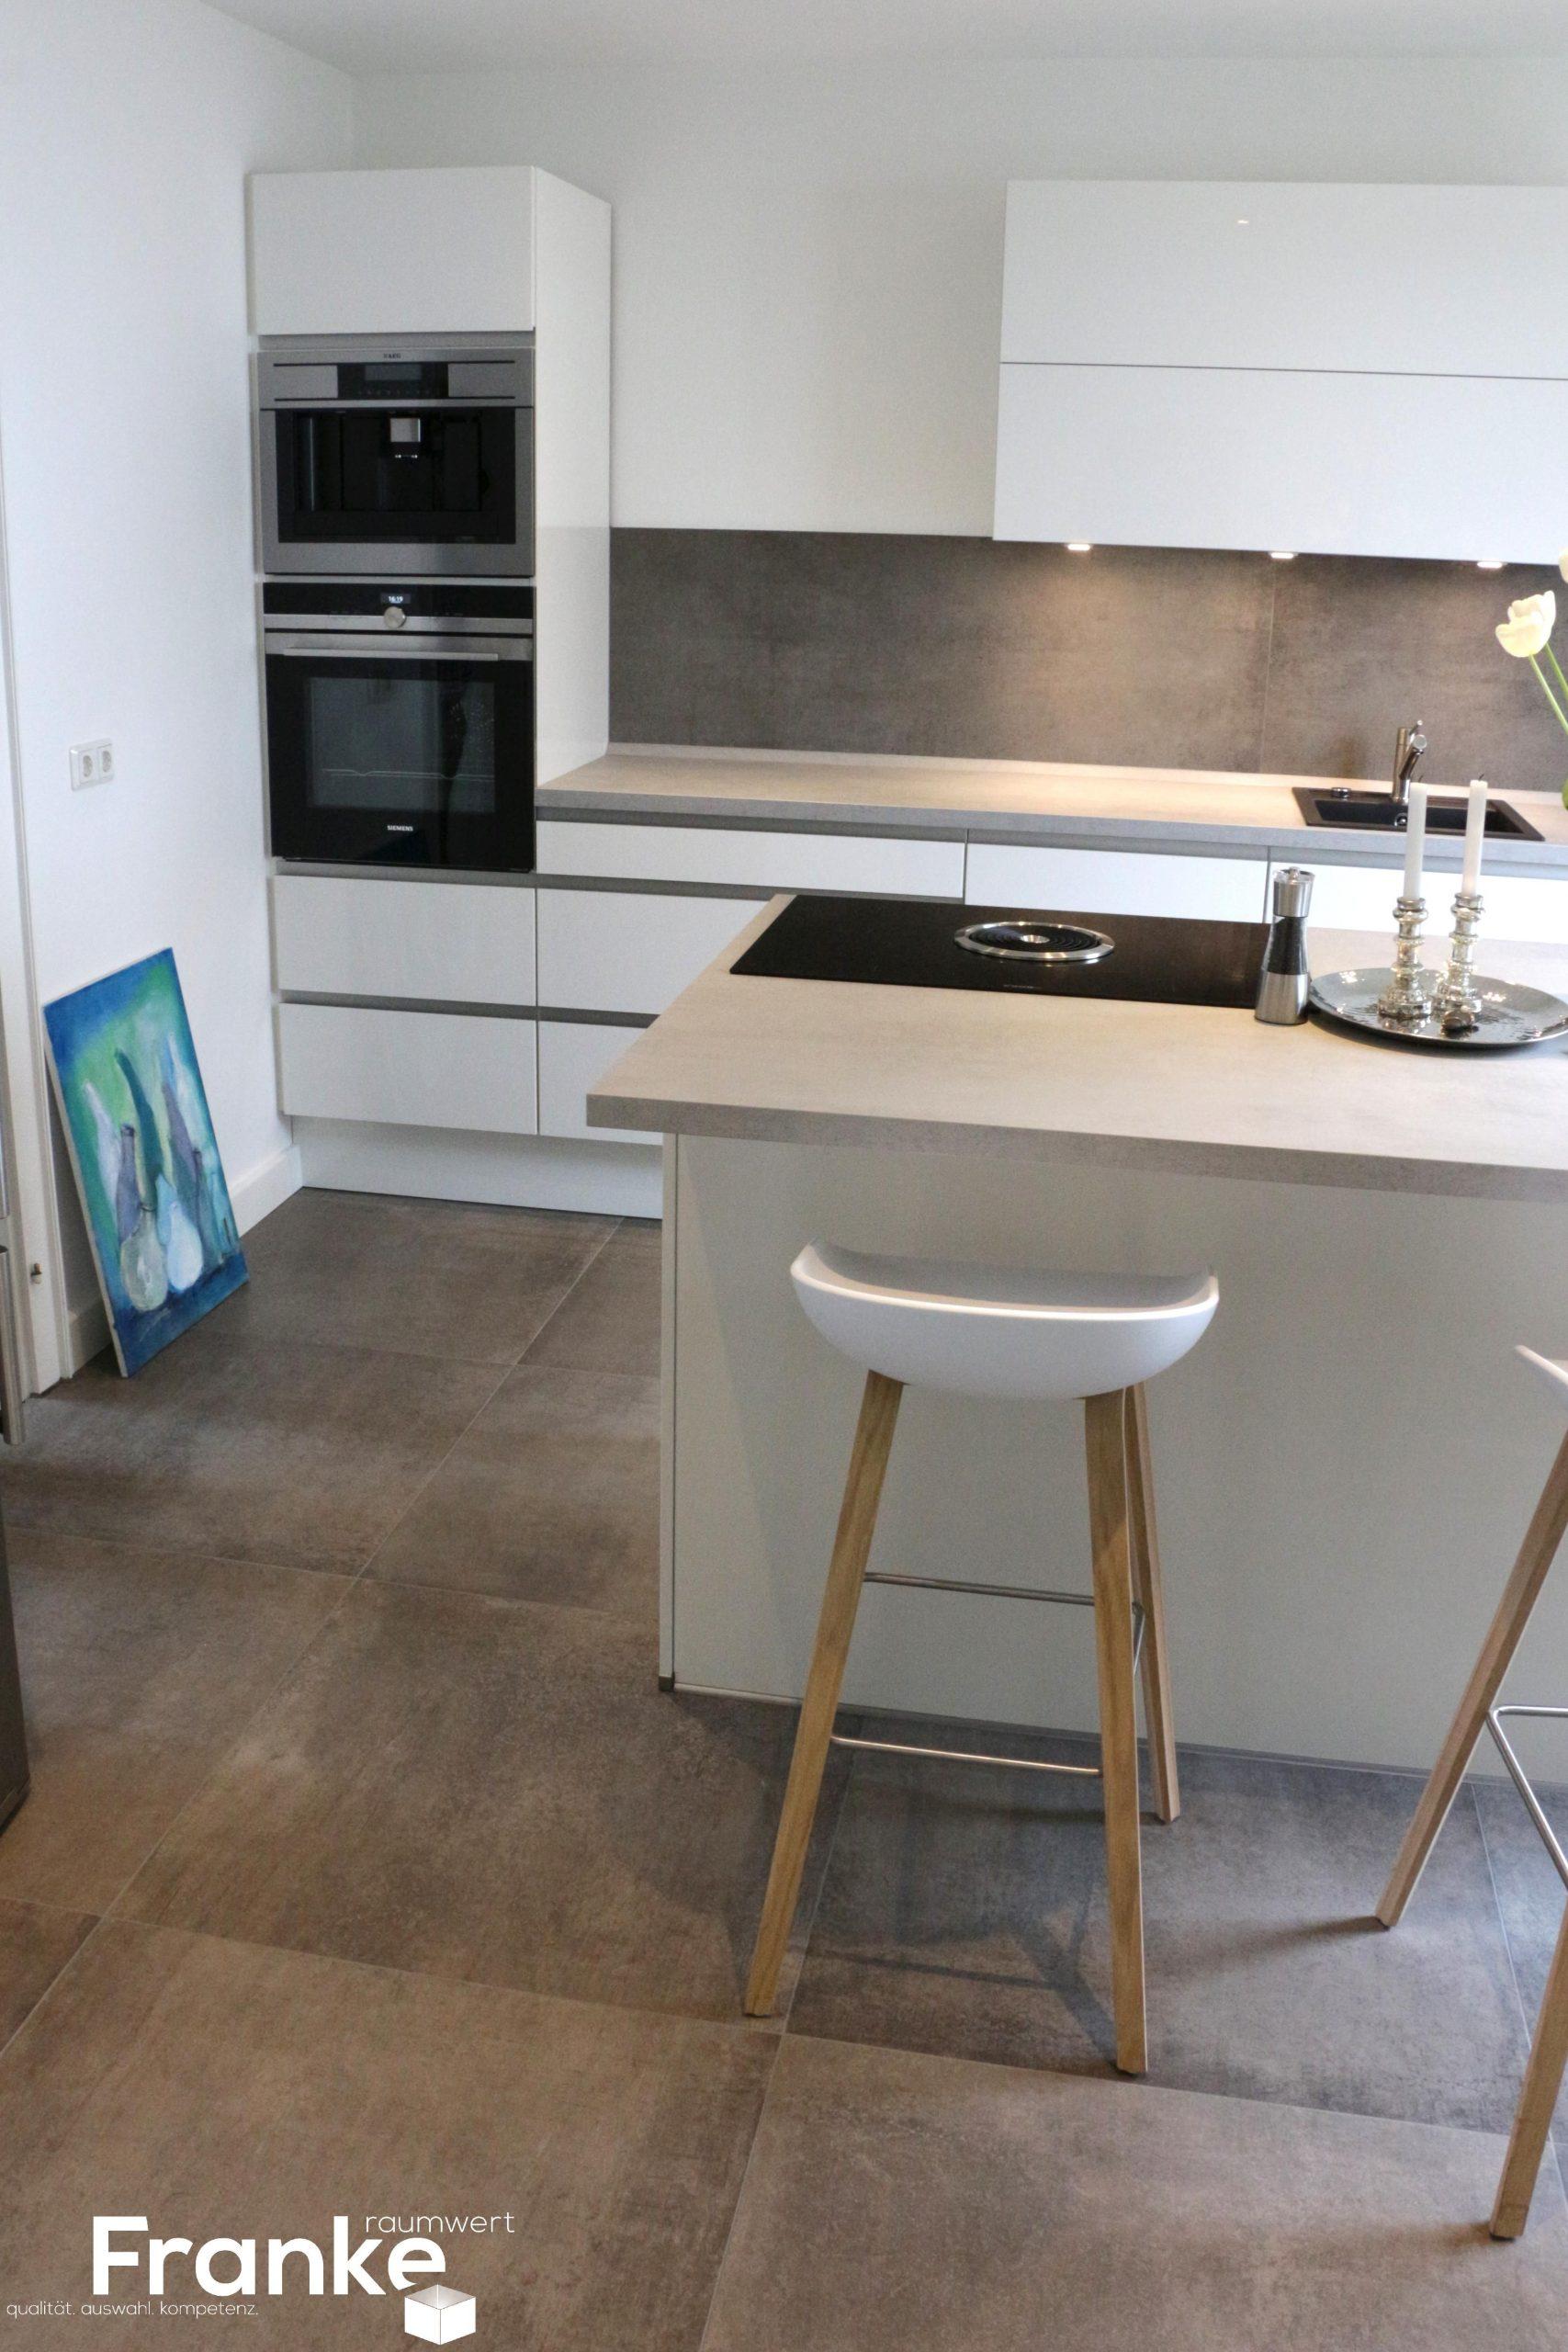 Full Size of Ikea Küche Fliesenspiegel Küche Fliesenspiegel Modern Küche Fliesenspiegel Folie Küche Fliesenspiegel Fliesen Küche Küche Fliesenspiegel